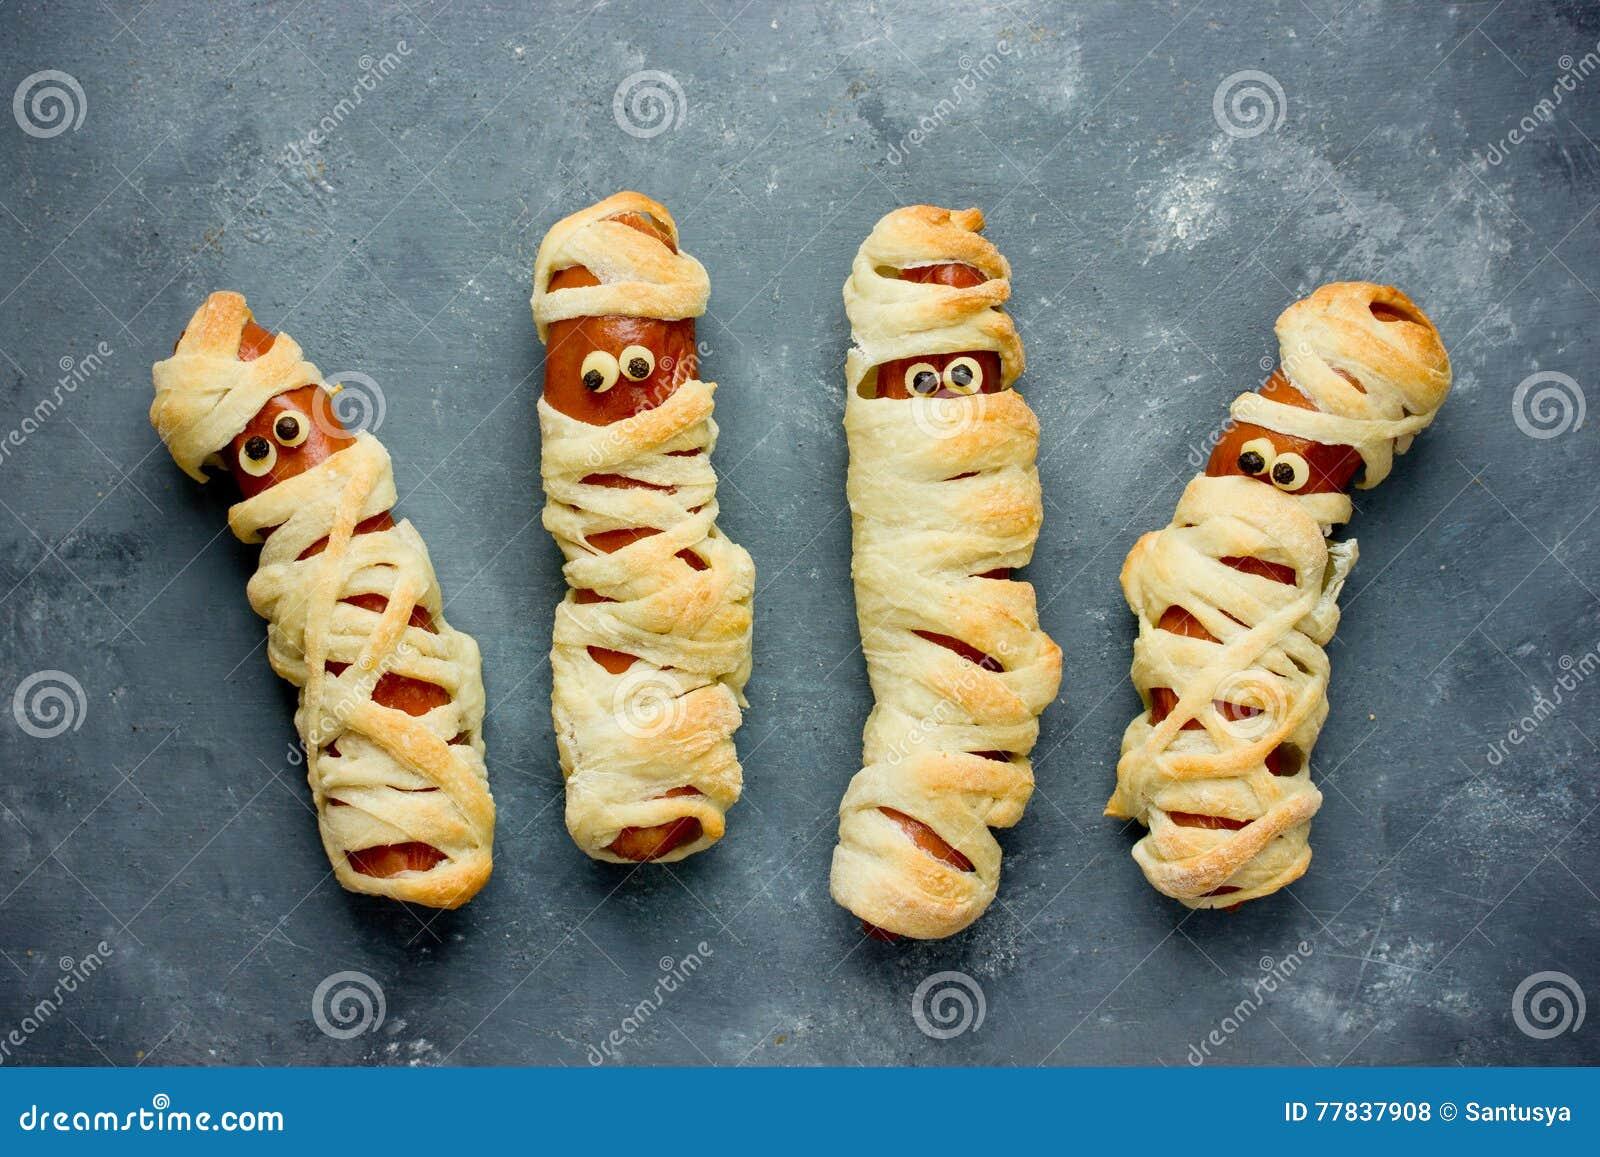 Halloween Idee.Grappig Idee Voor Jonge Geitjes Voor Halloween Voedsel